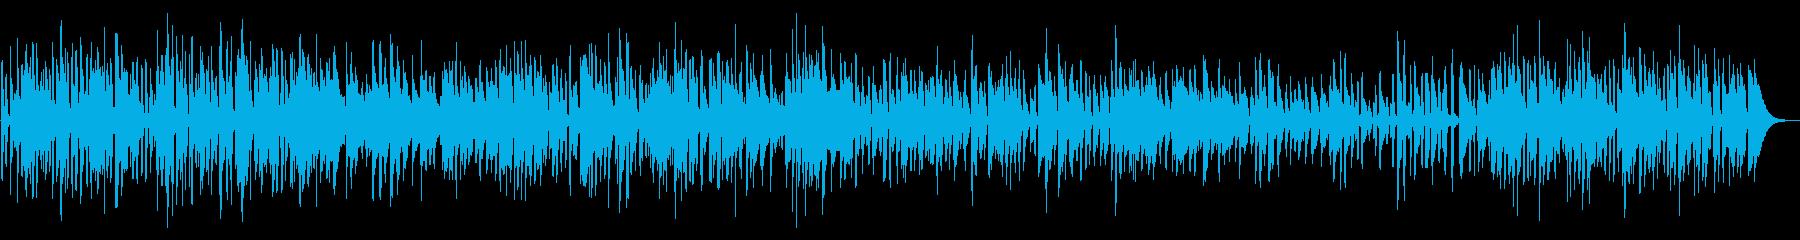 ギターボサノバYouTube犬猫ペット系の再生済みの波形